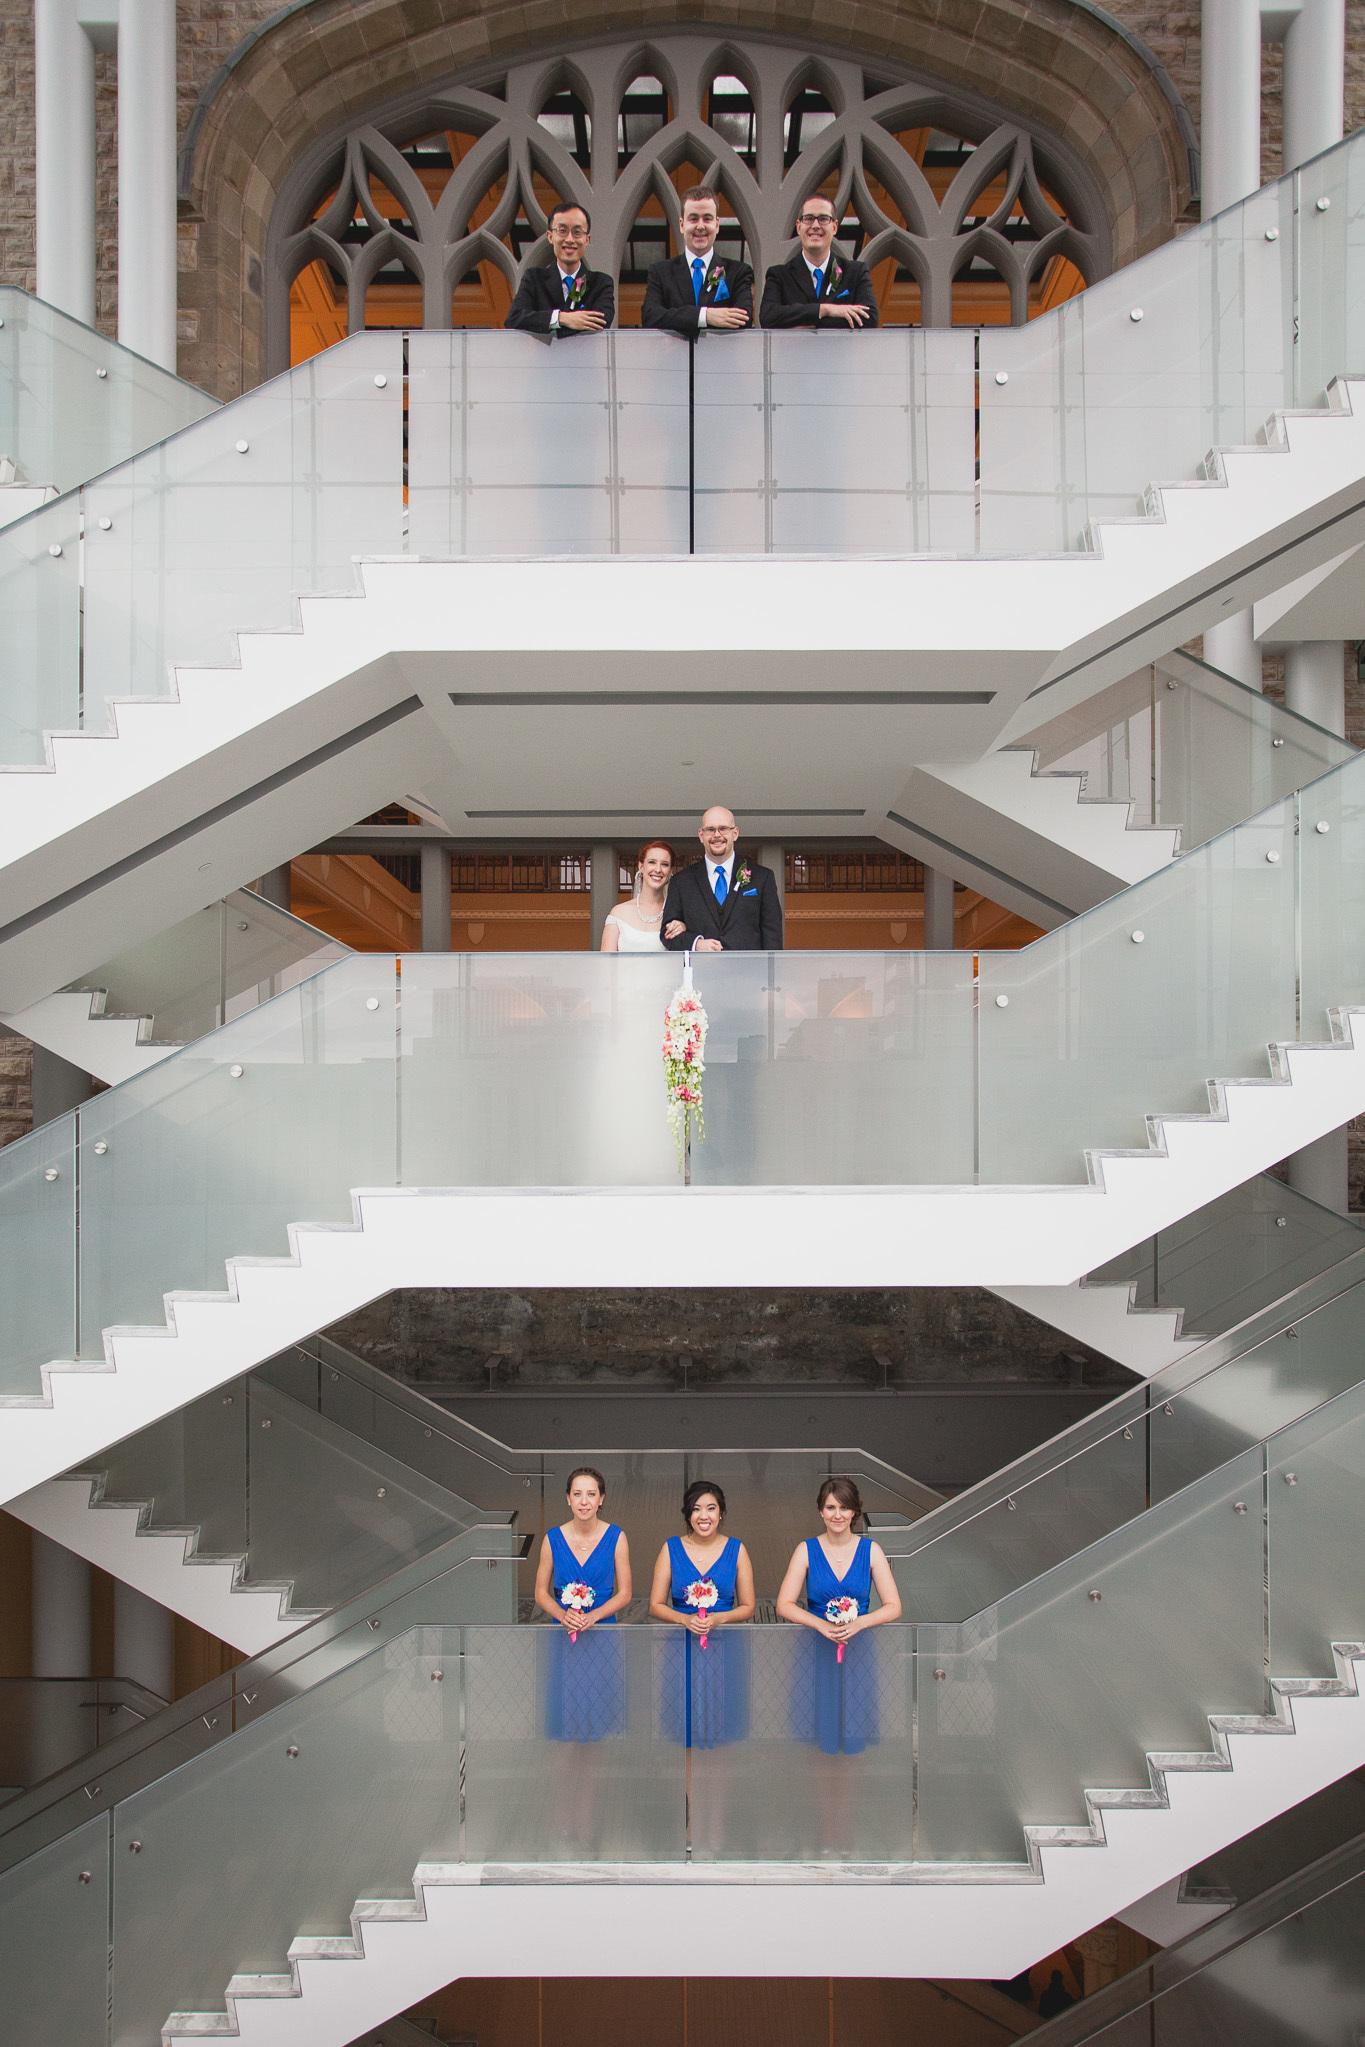 199-Jonathan-Kuhn-Photography-Jami-And-Tristan-Wedding-0213.jpg